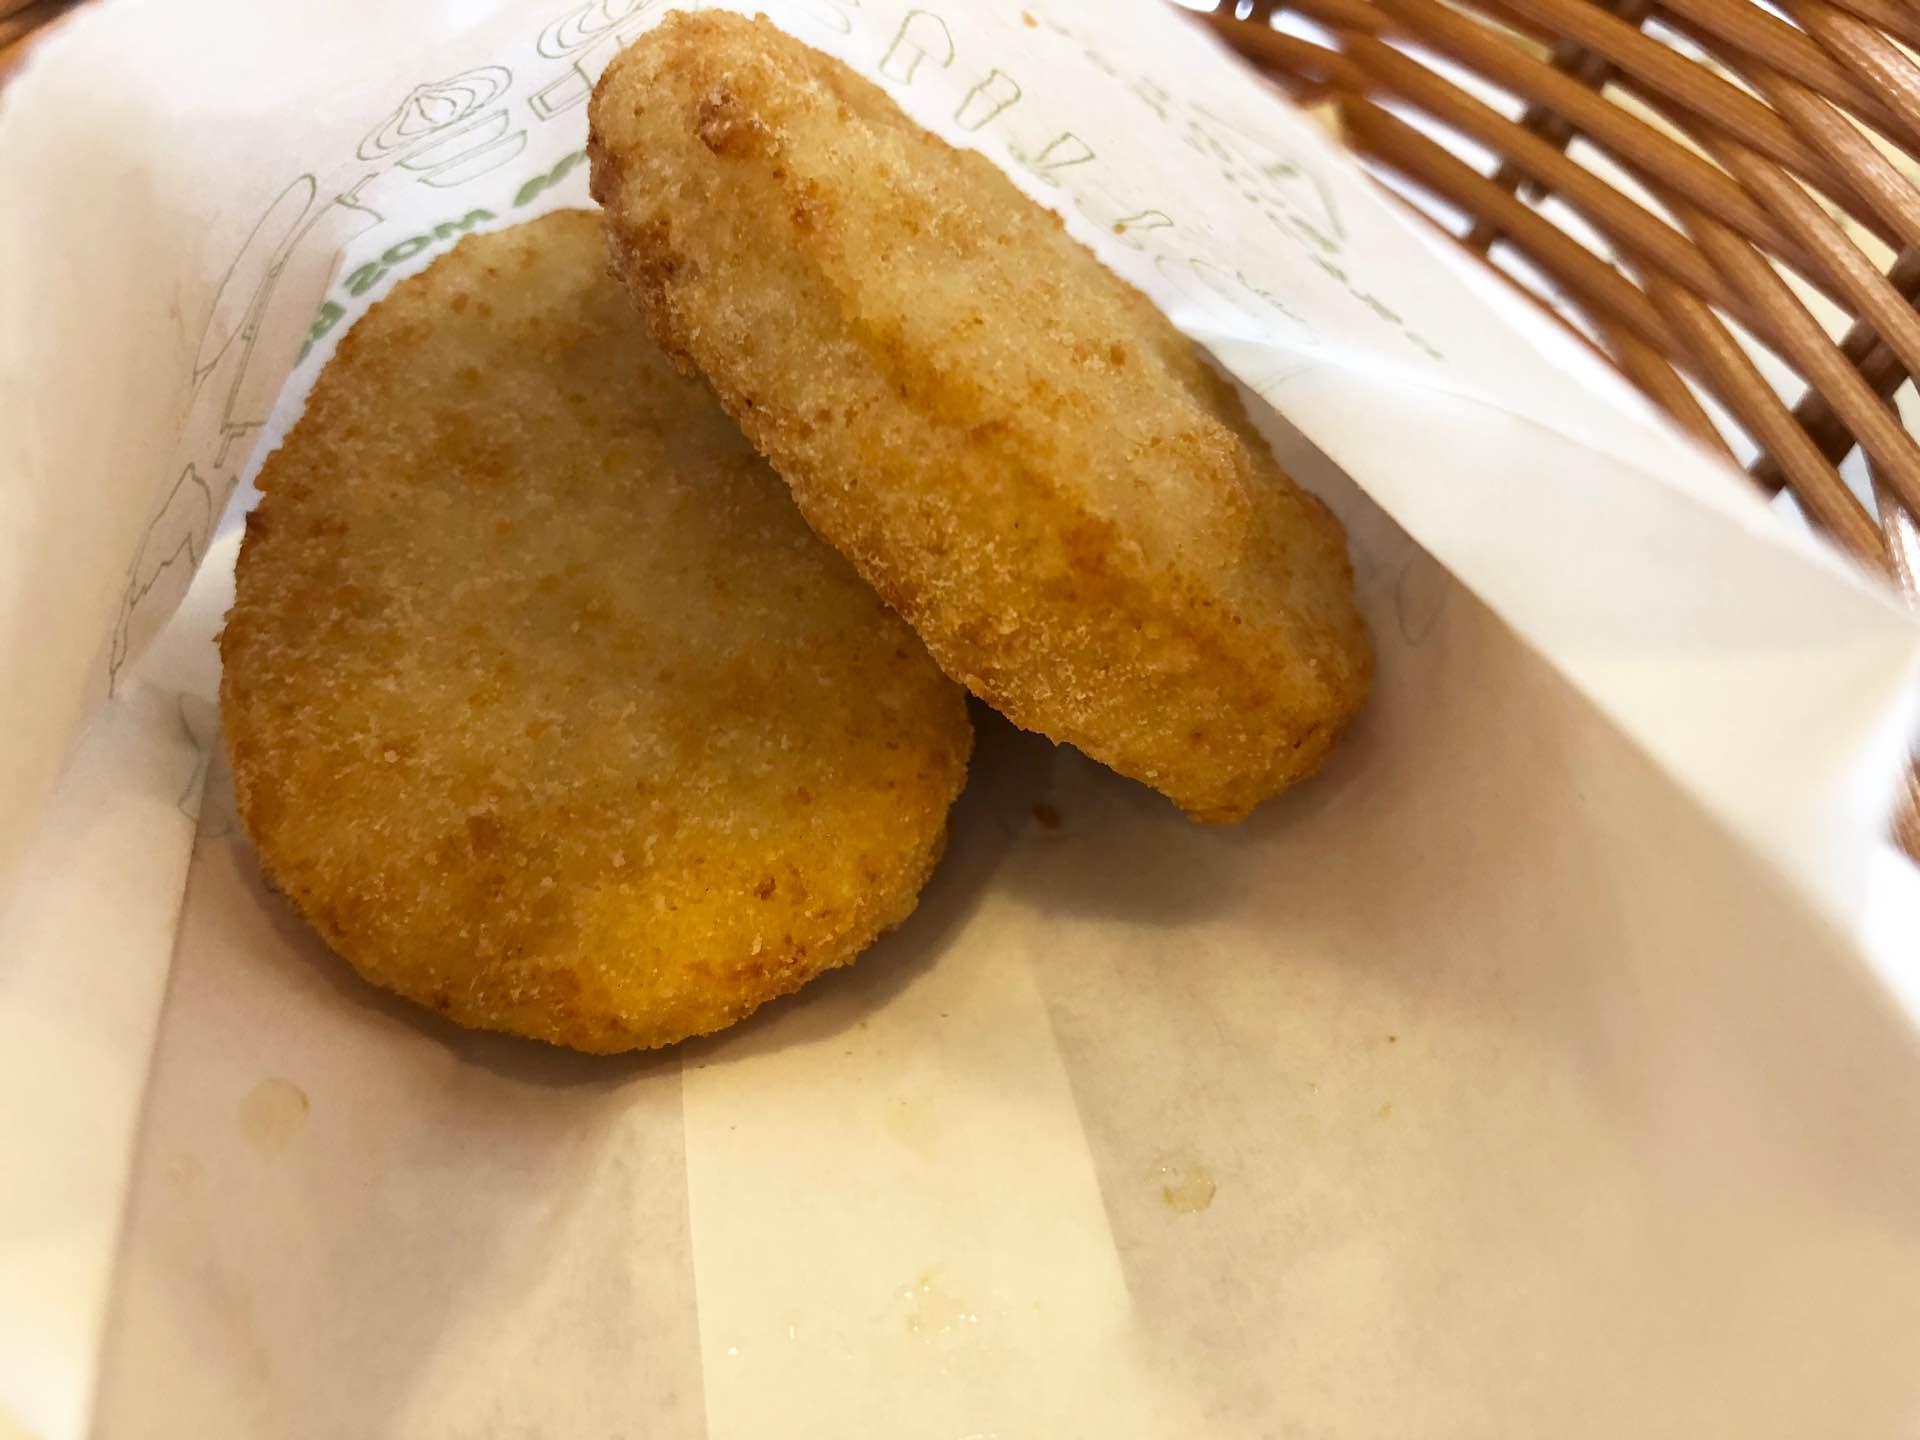 モスバーガーのチキンナゲット、揚げたて熱々でジューシーで美味しい。これはディップソースいらないな。 https://t.co/o94iIMNKM5